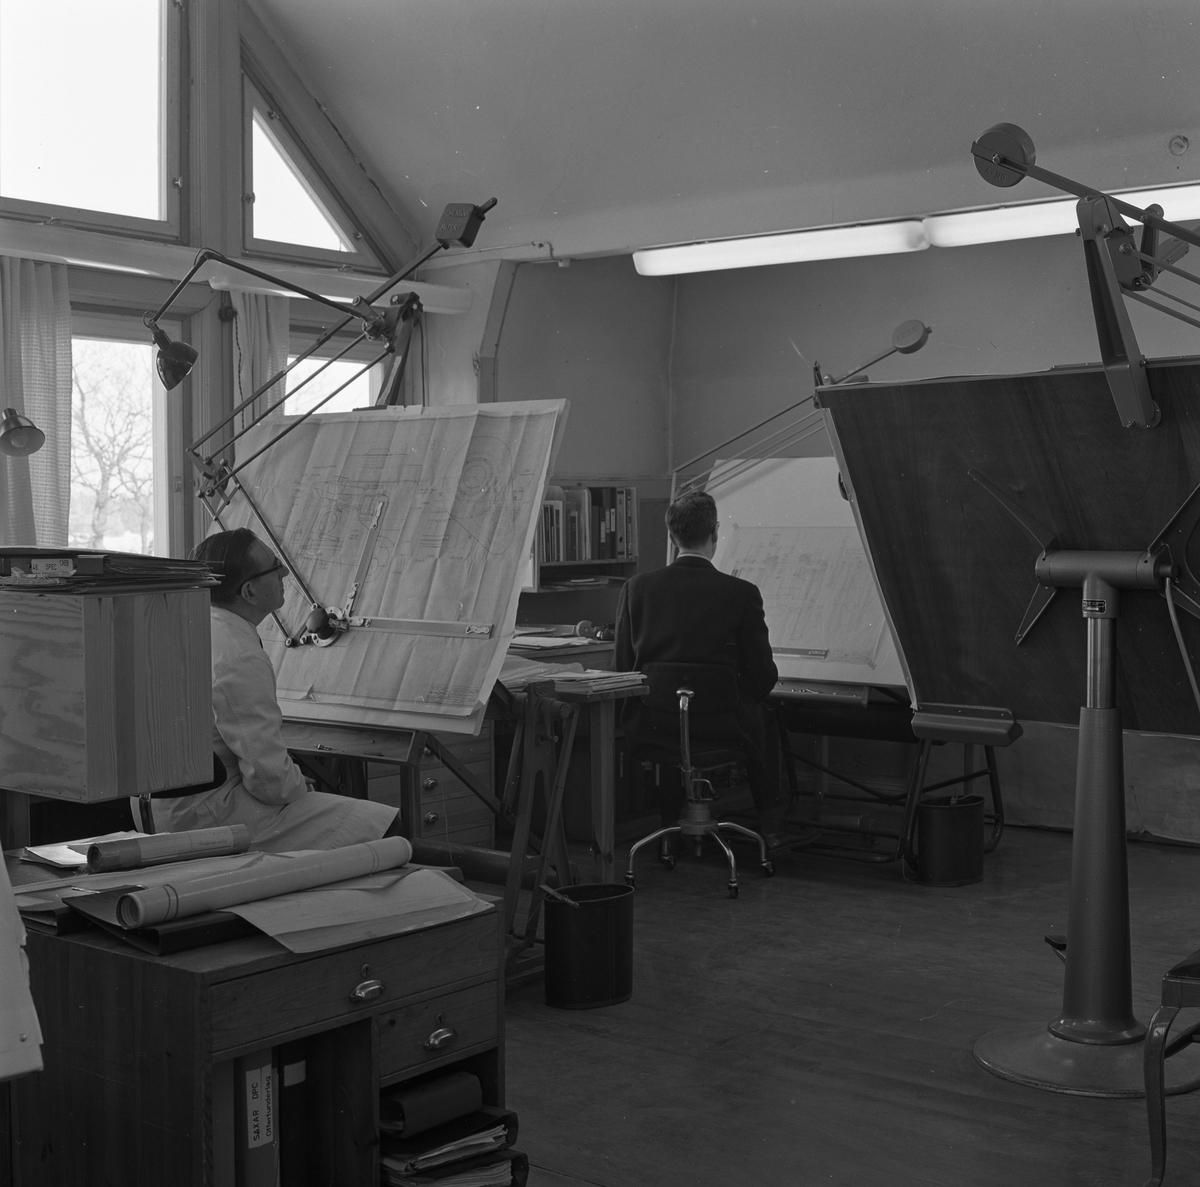 """Ritkontoret på """"Meken"""", Arboga Mekaniska Verkstad. Närmast kameran sitter ingenjör Georg Esch och längst bort sitter Rune Arlej. Interiörbild från kontorsmiljö."""